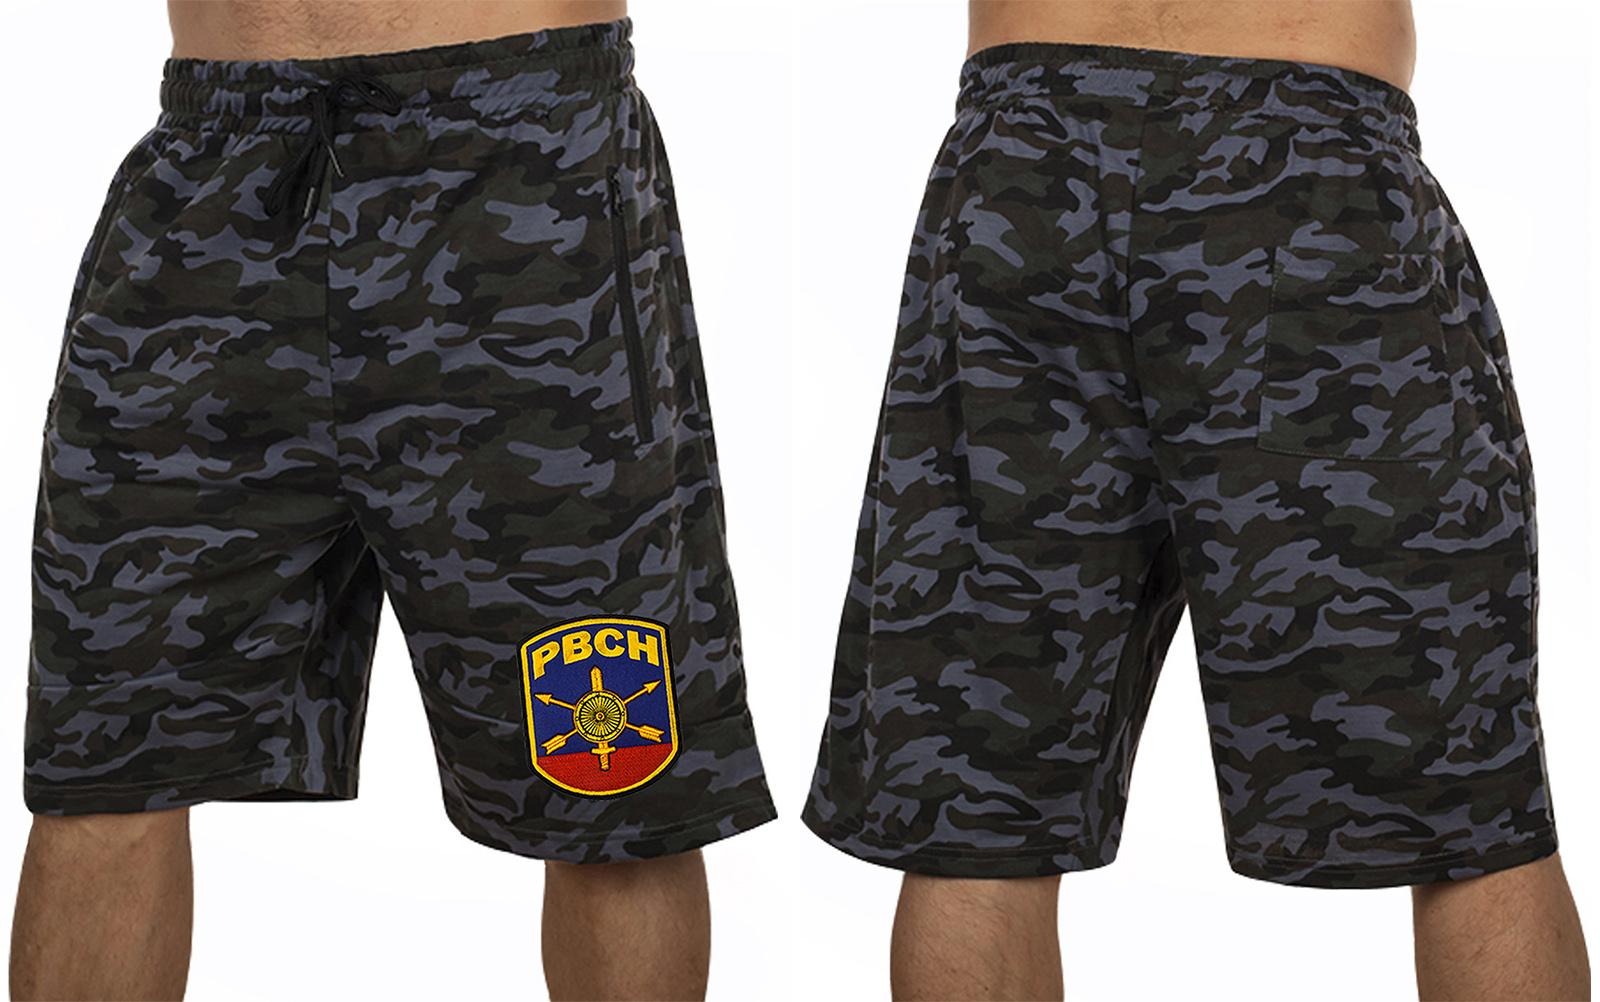 Военные удлиненные шорты с нашивкой РВСН - купить в подарок